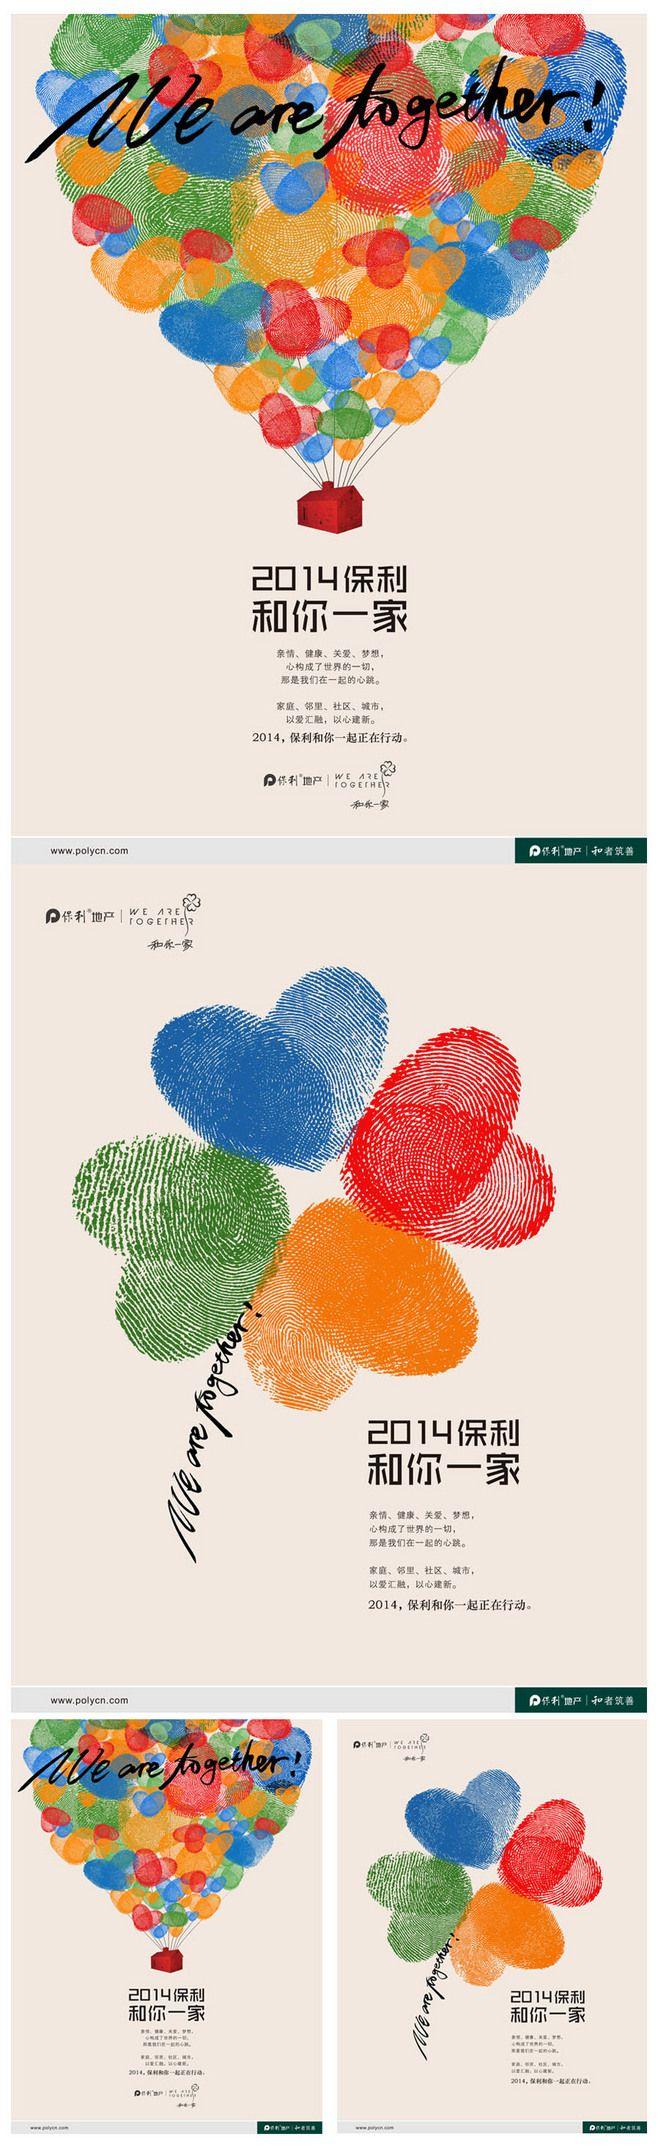 原创作品:广东保利品牌2014年海报设计